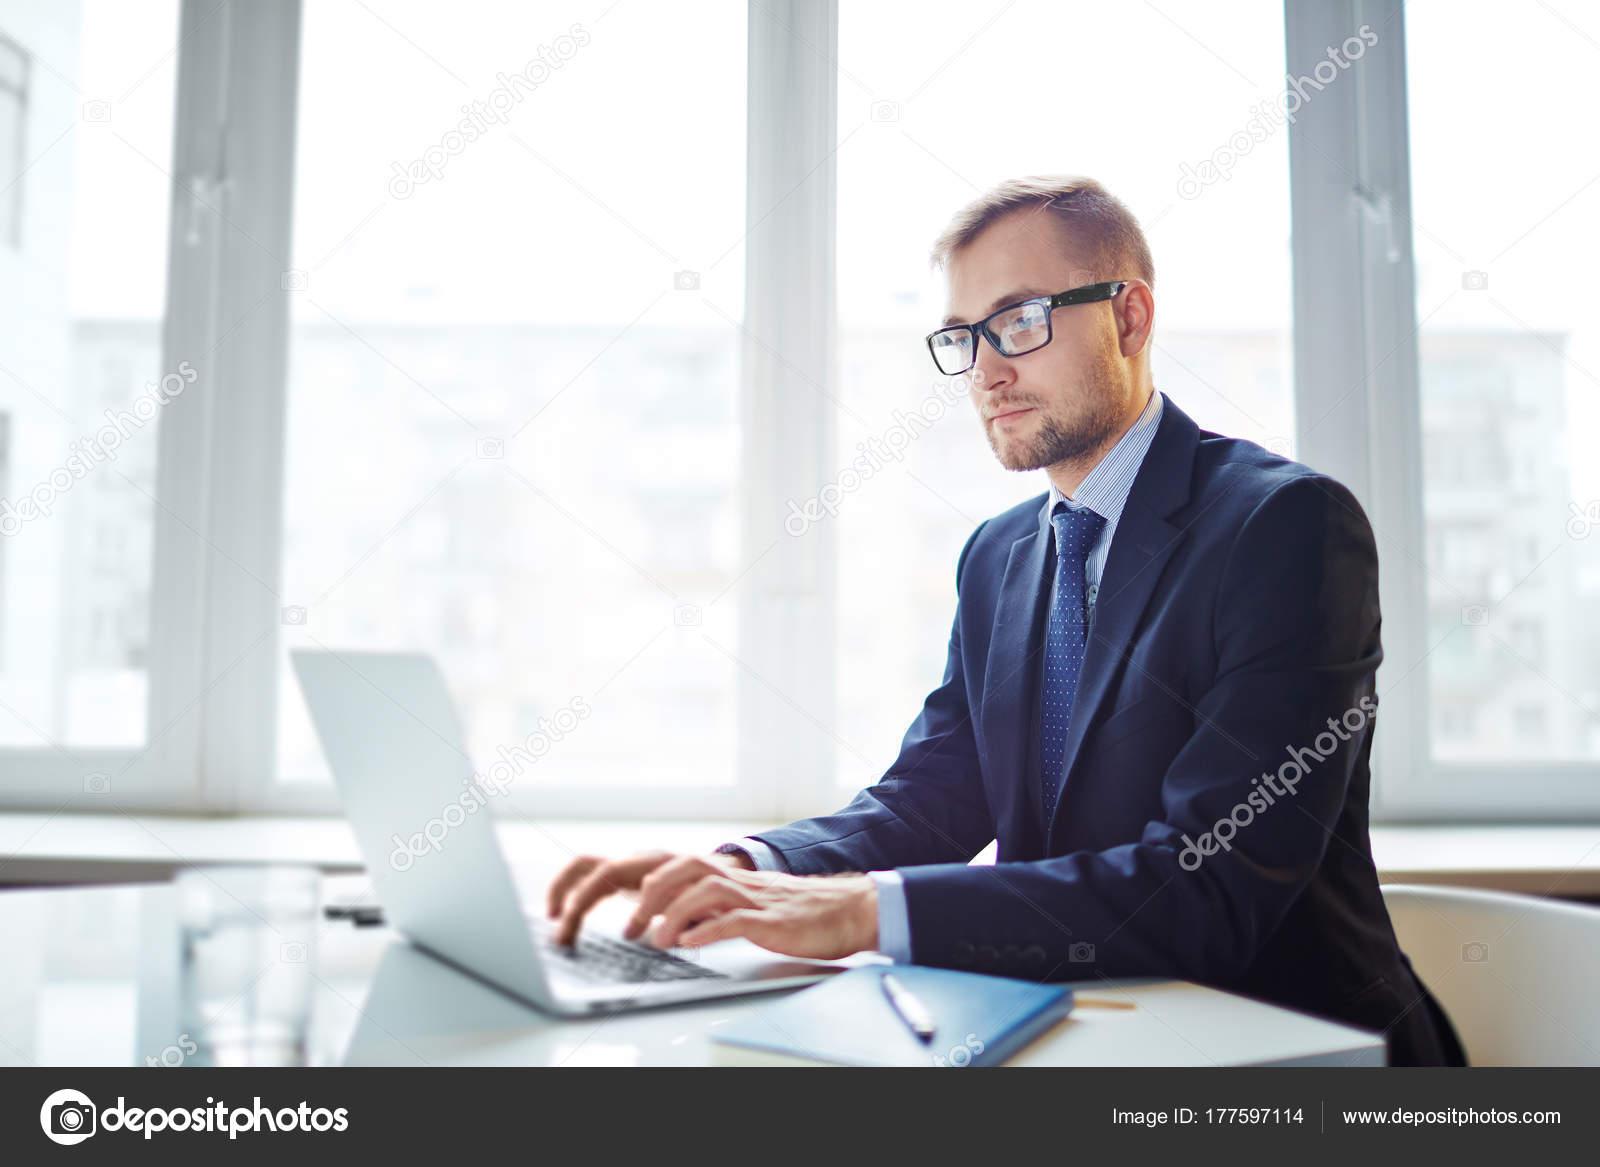 Брокер работа онлайн что такое форекс ответы mail ru